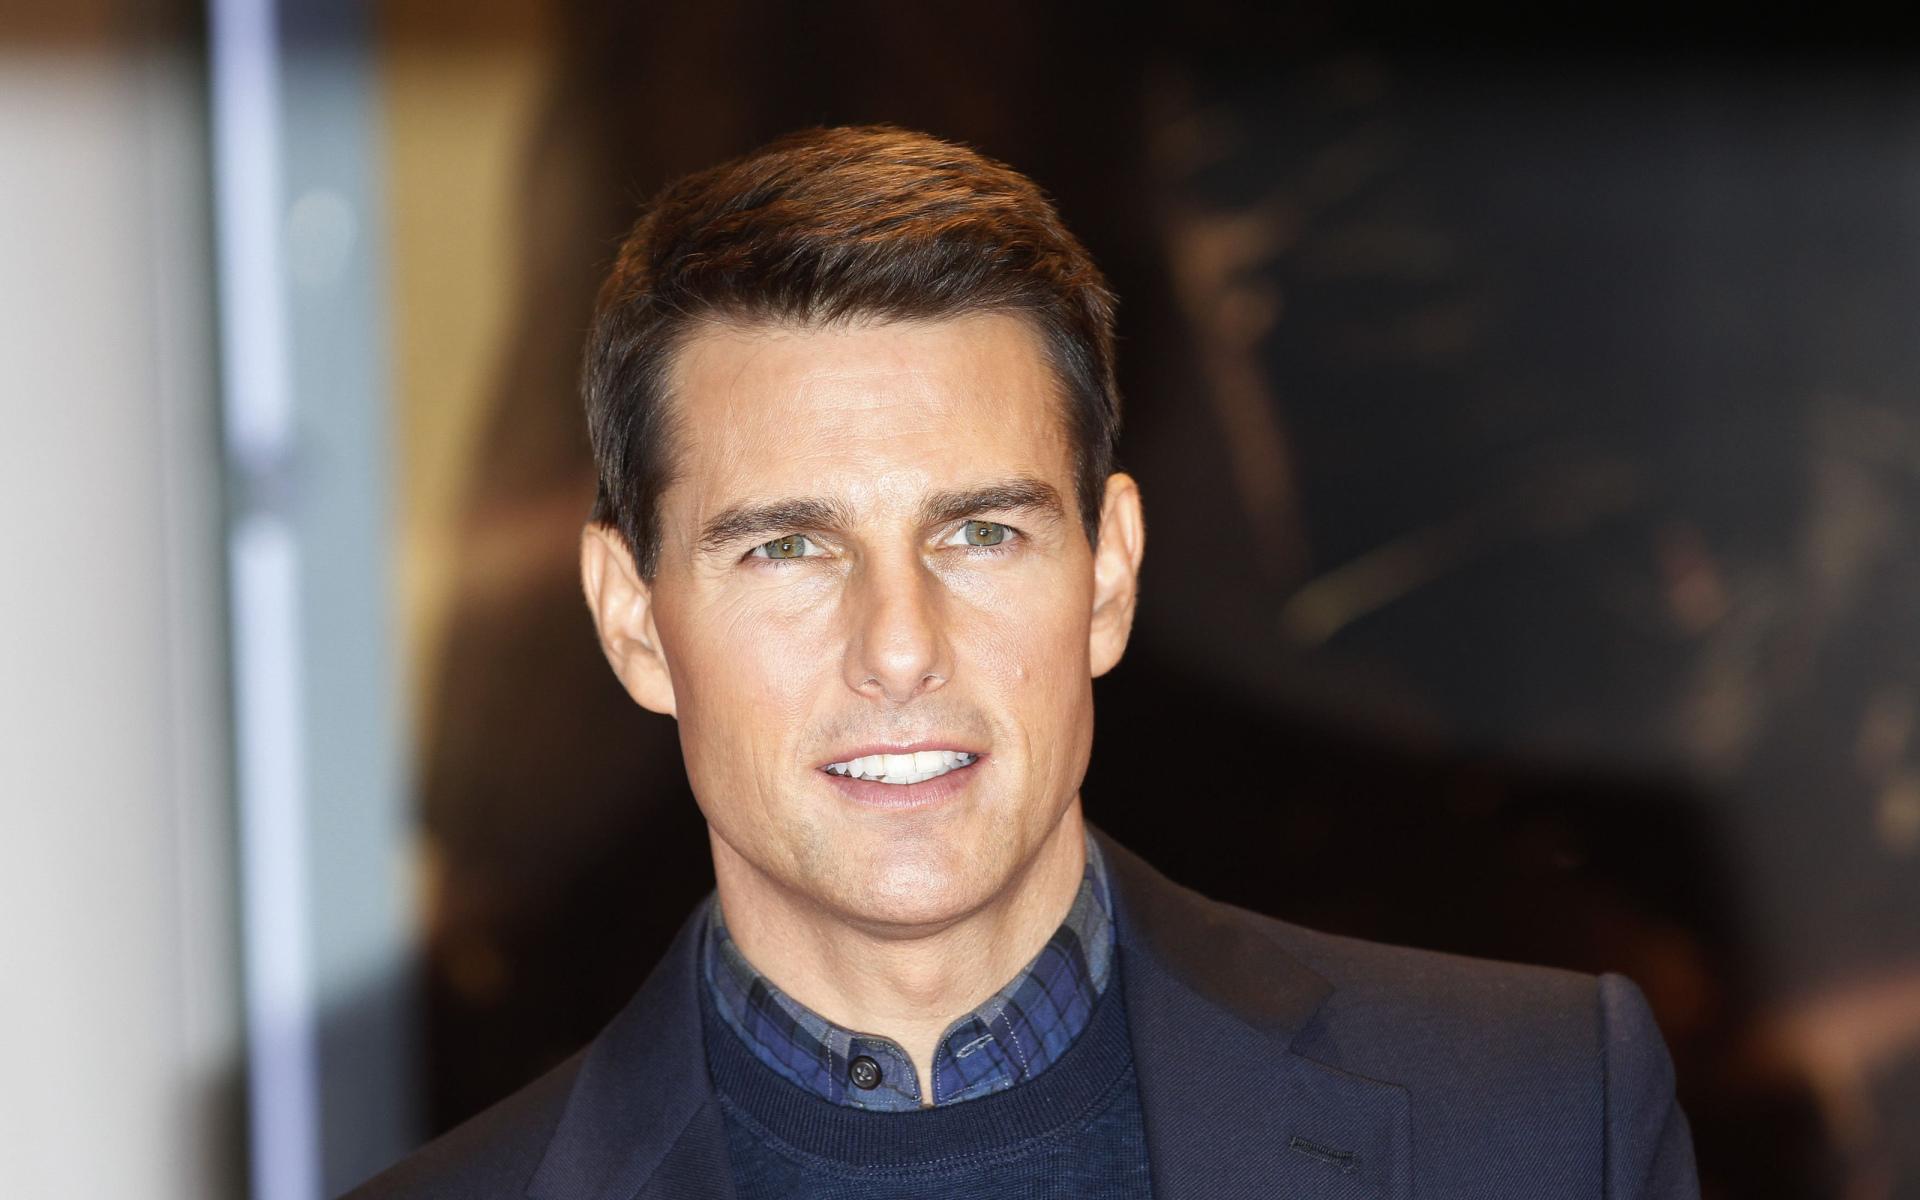 Fondos De Pantalla De Tom Cruise Wallpapers